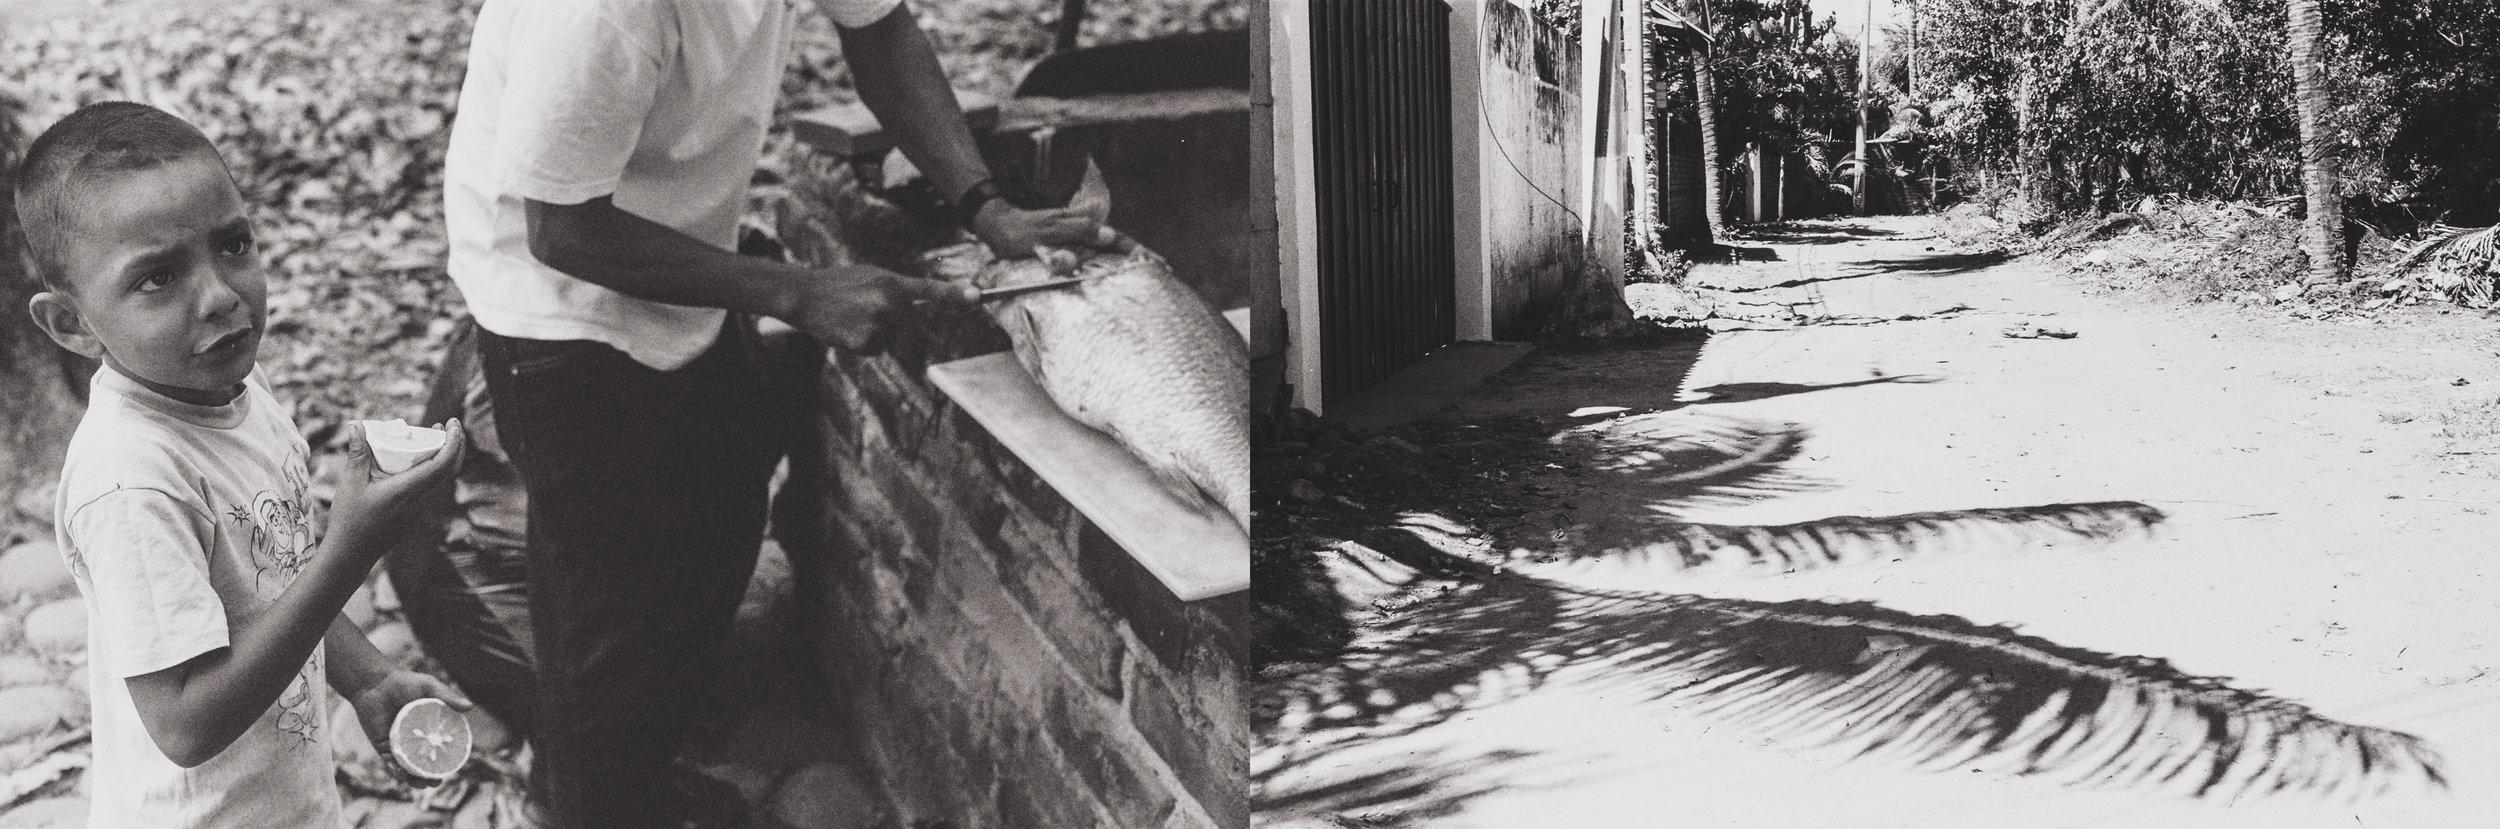 El Salvador_38.jpg